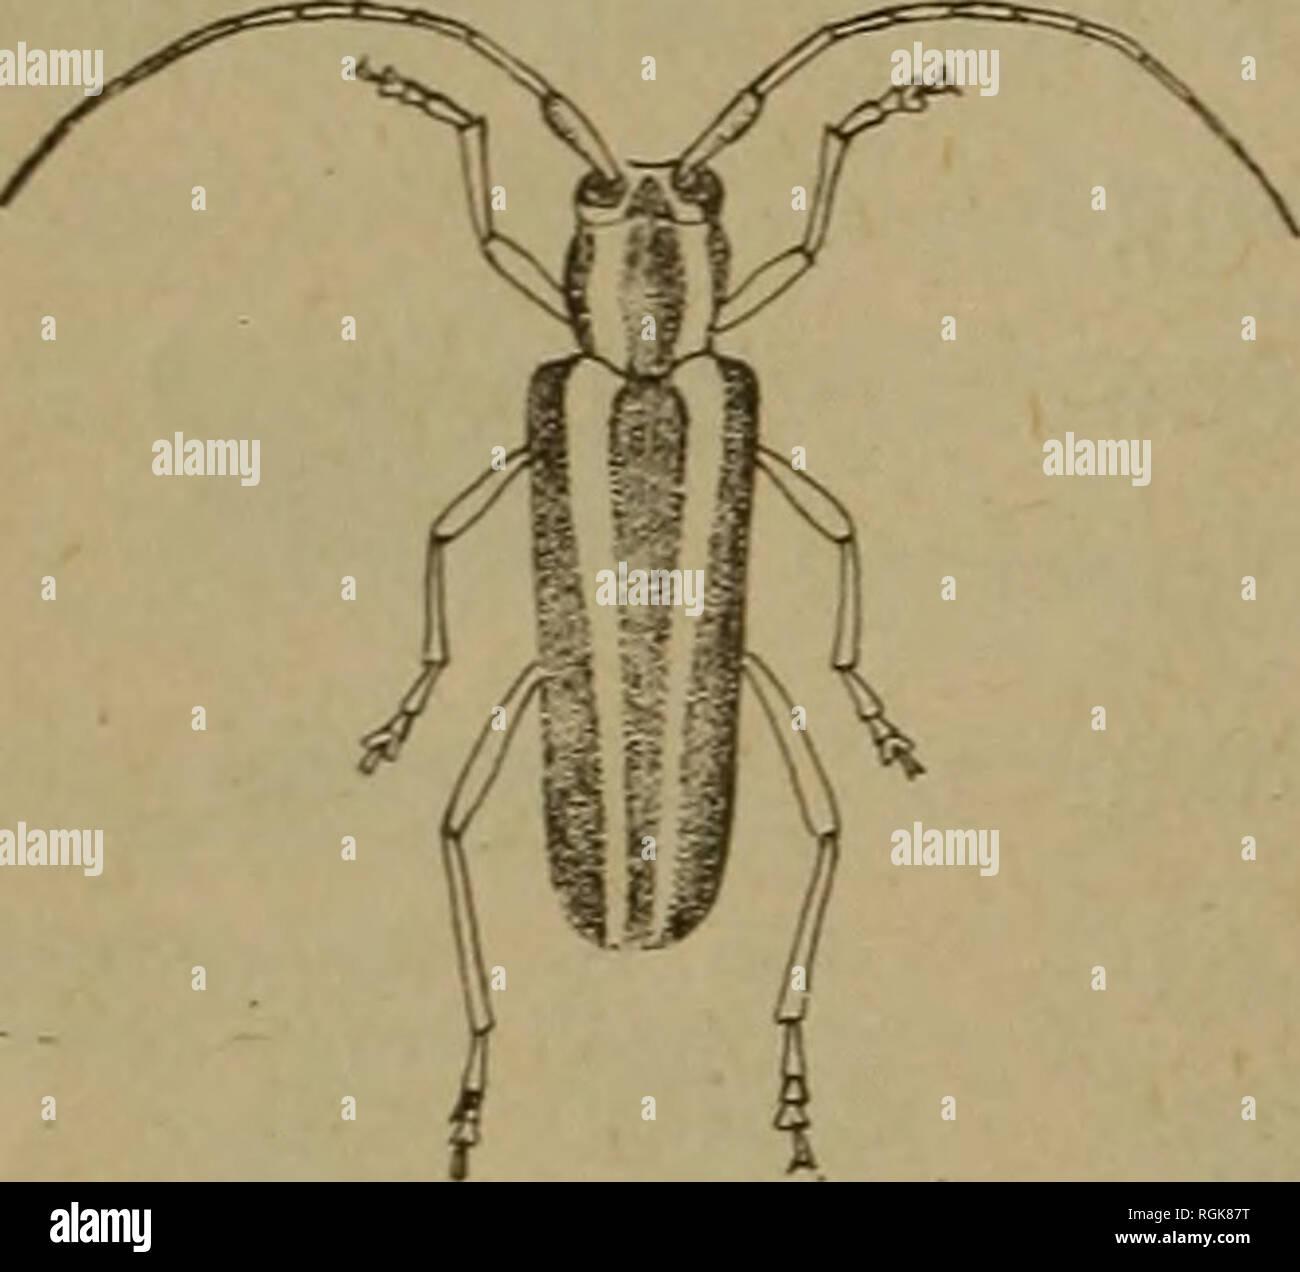 Escarabajo Arandela diversos Usos Ver descripción-N0122385